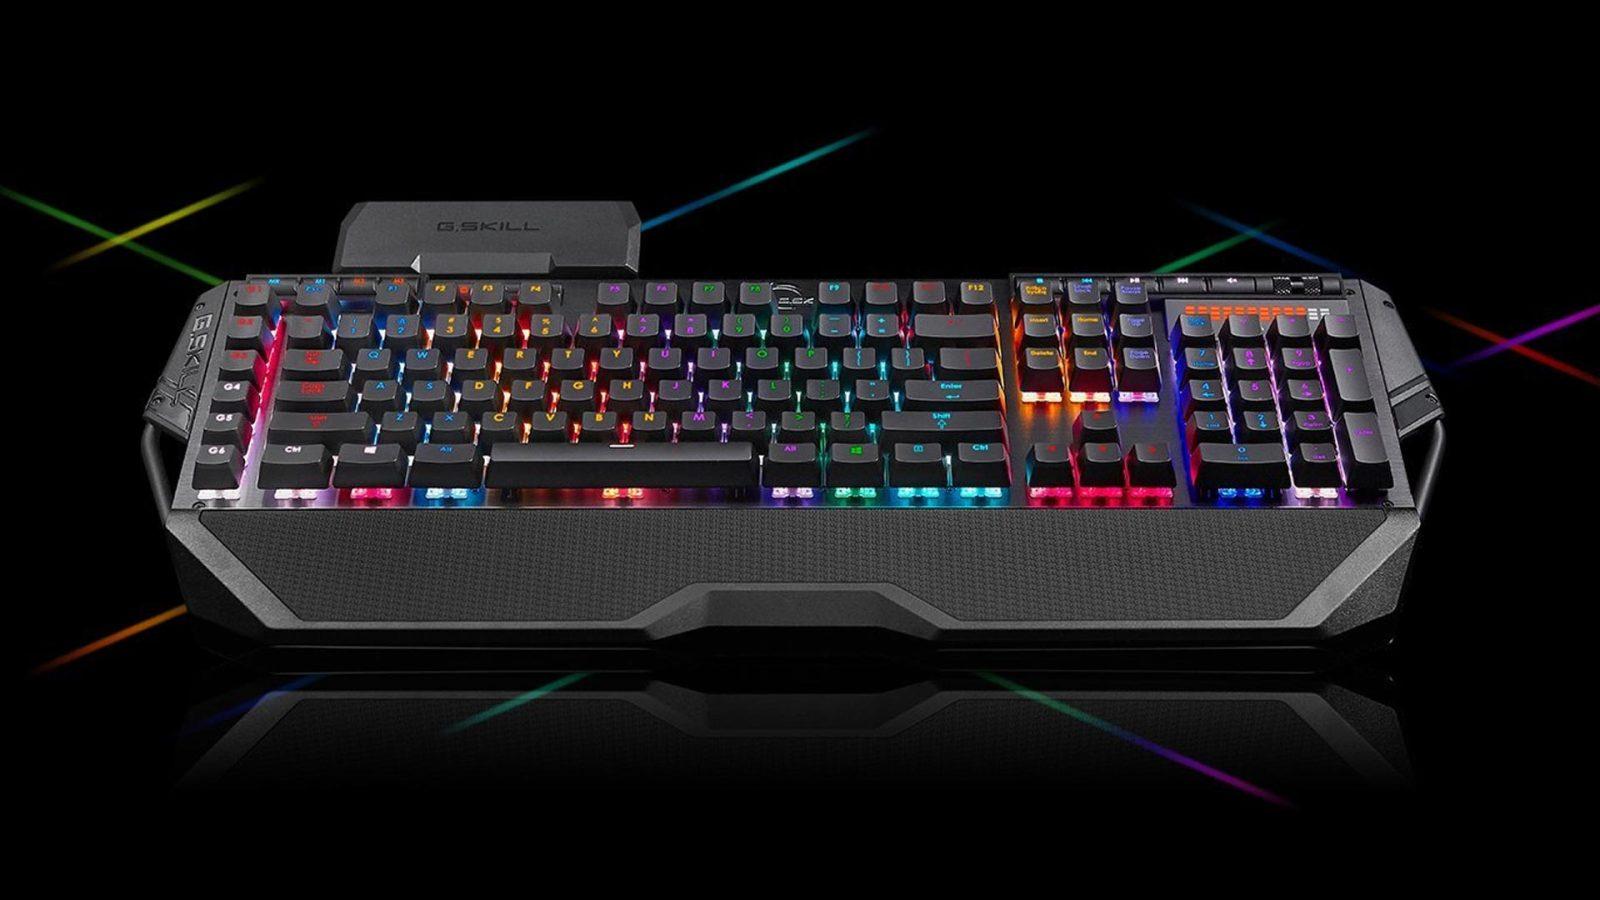 45ff578f3a3 Get G.SKILL's RIPJAWS KM780 RGB Mechanical Keyboard for $95 (Reg. $125)